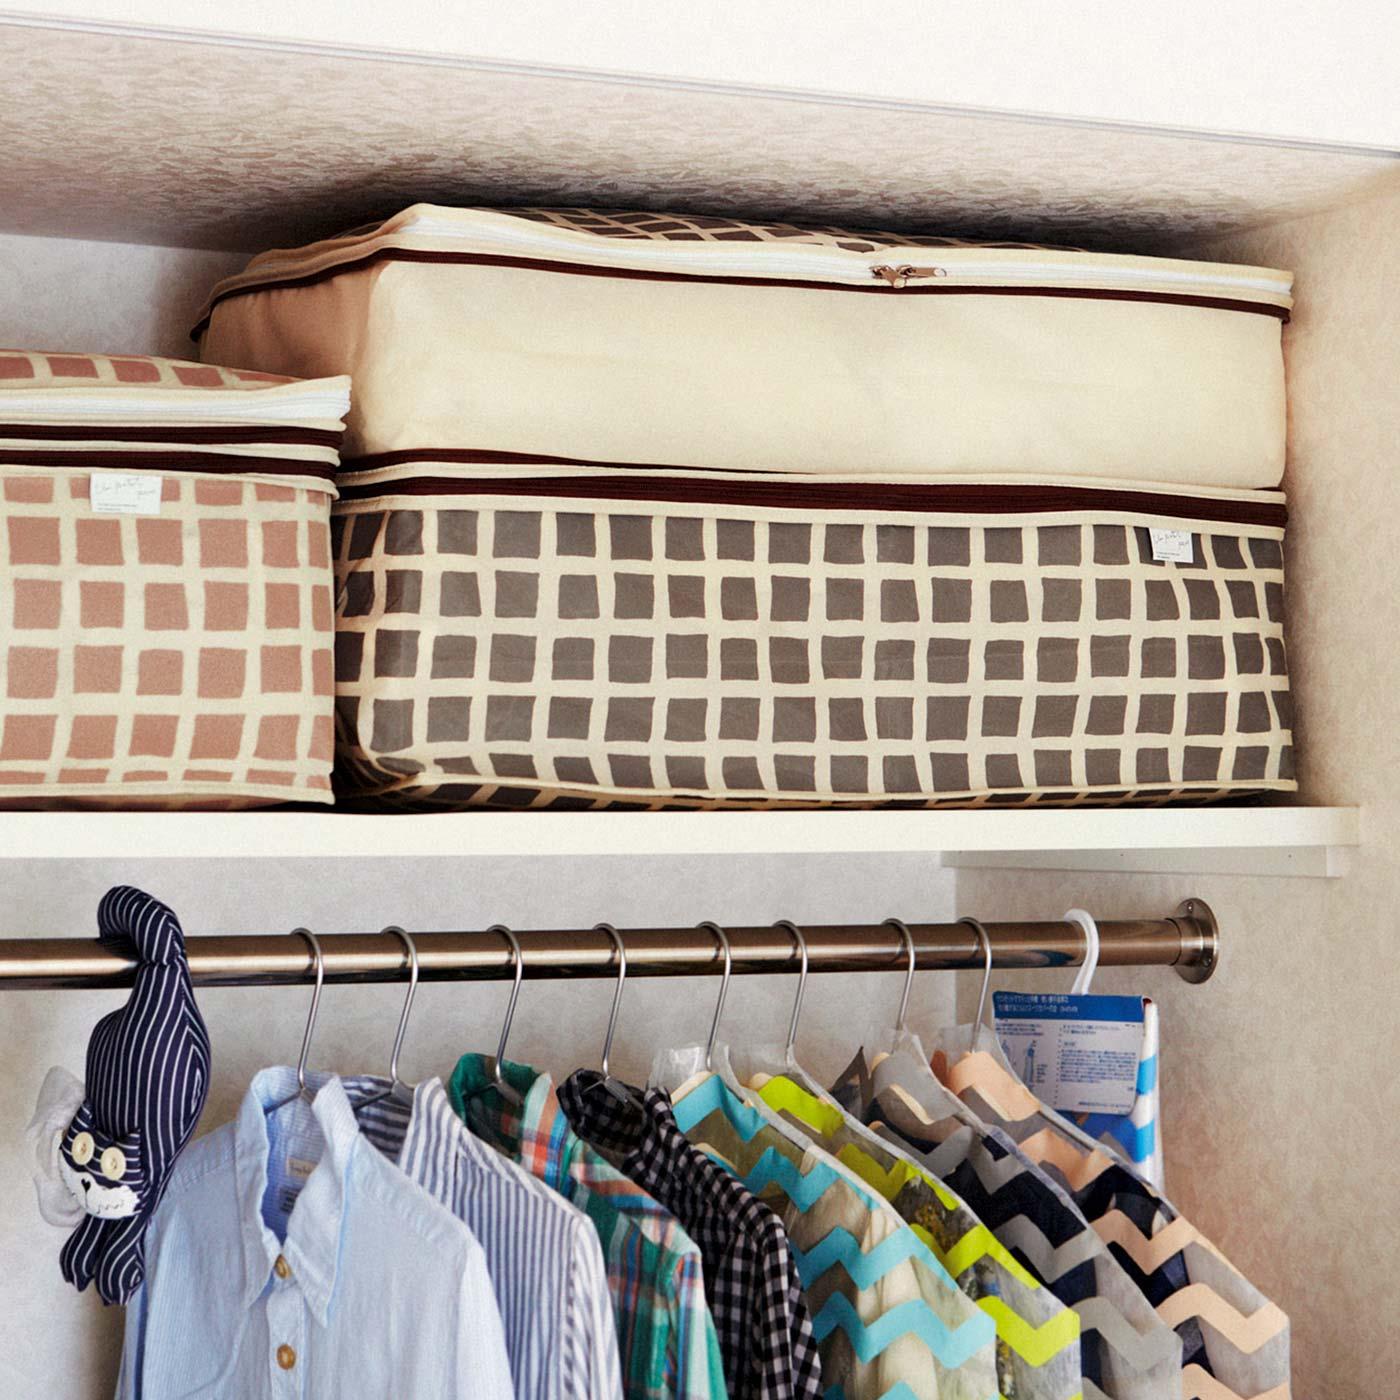 フェリシモ シーズンオフの寝具をひとまとめ 高さを変えられる布団収納ケースの会